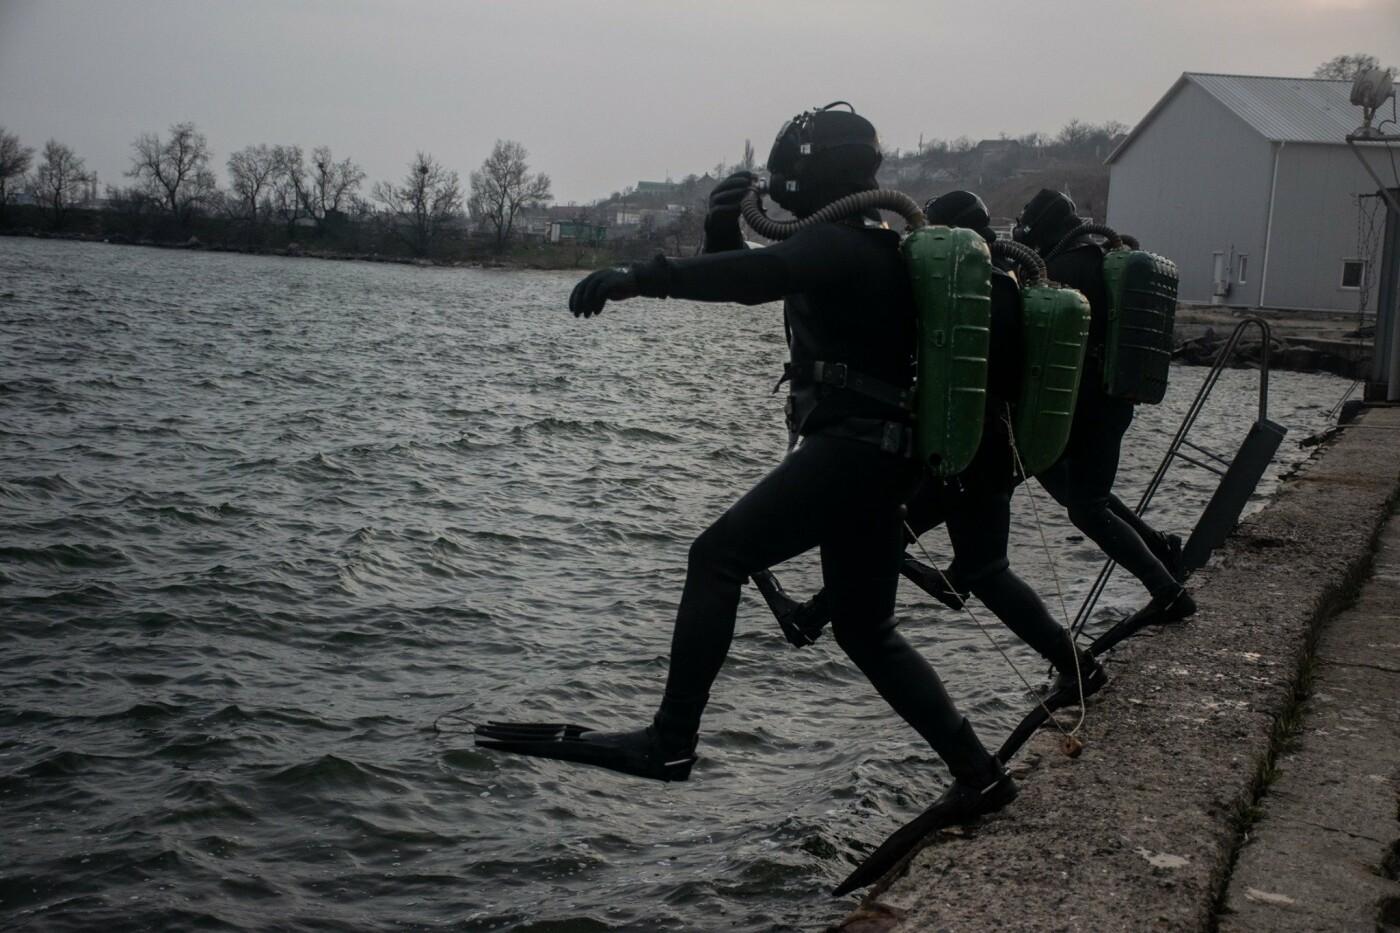 На Николаевщине водолазы-разведчики показали, как проходит их боевая подготовка, - ФОТО, фото-2